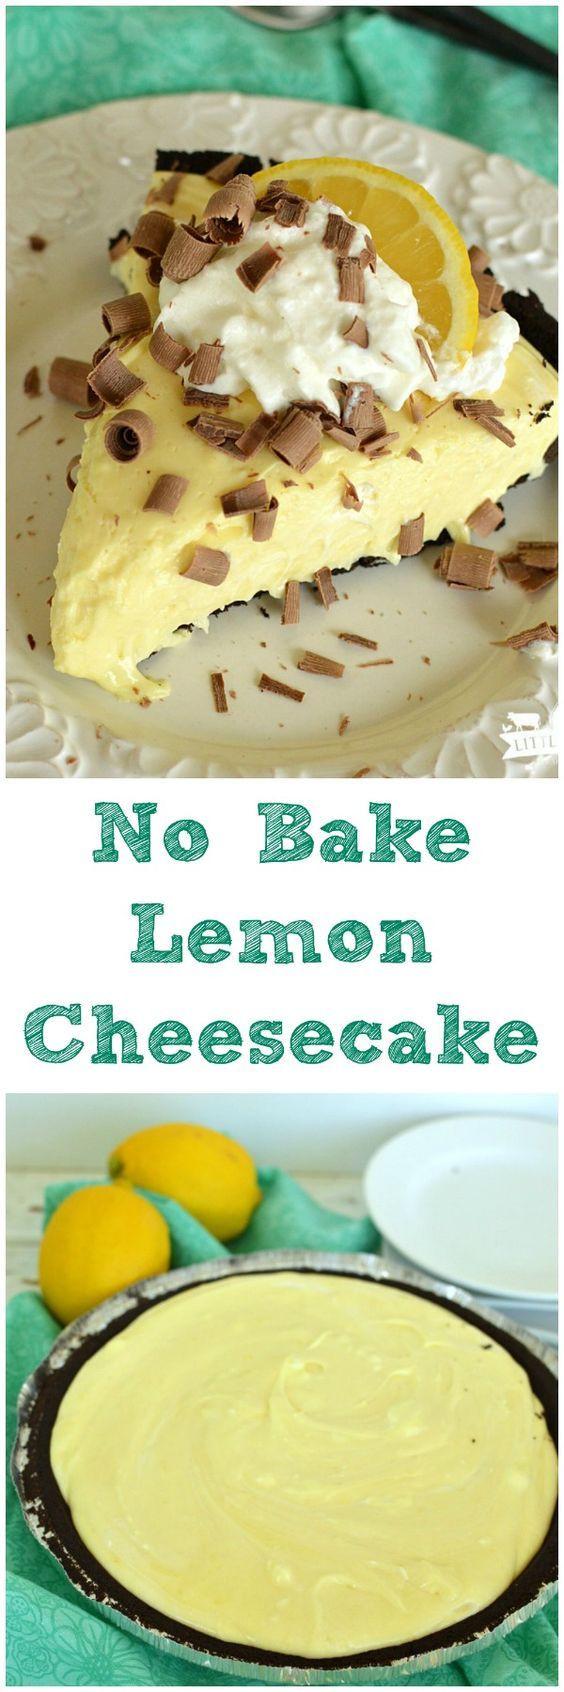 Few Ingredient Desserts  Best 10 Few ingre nt desserts ideas on Pinterest